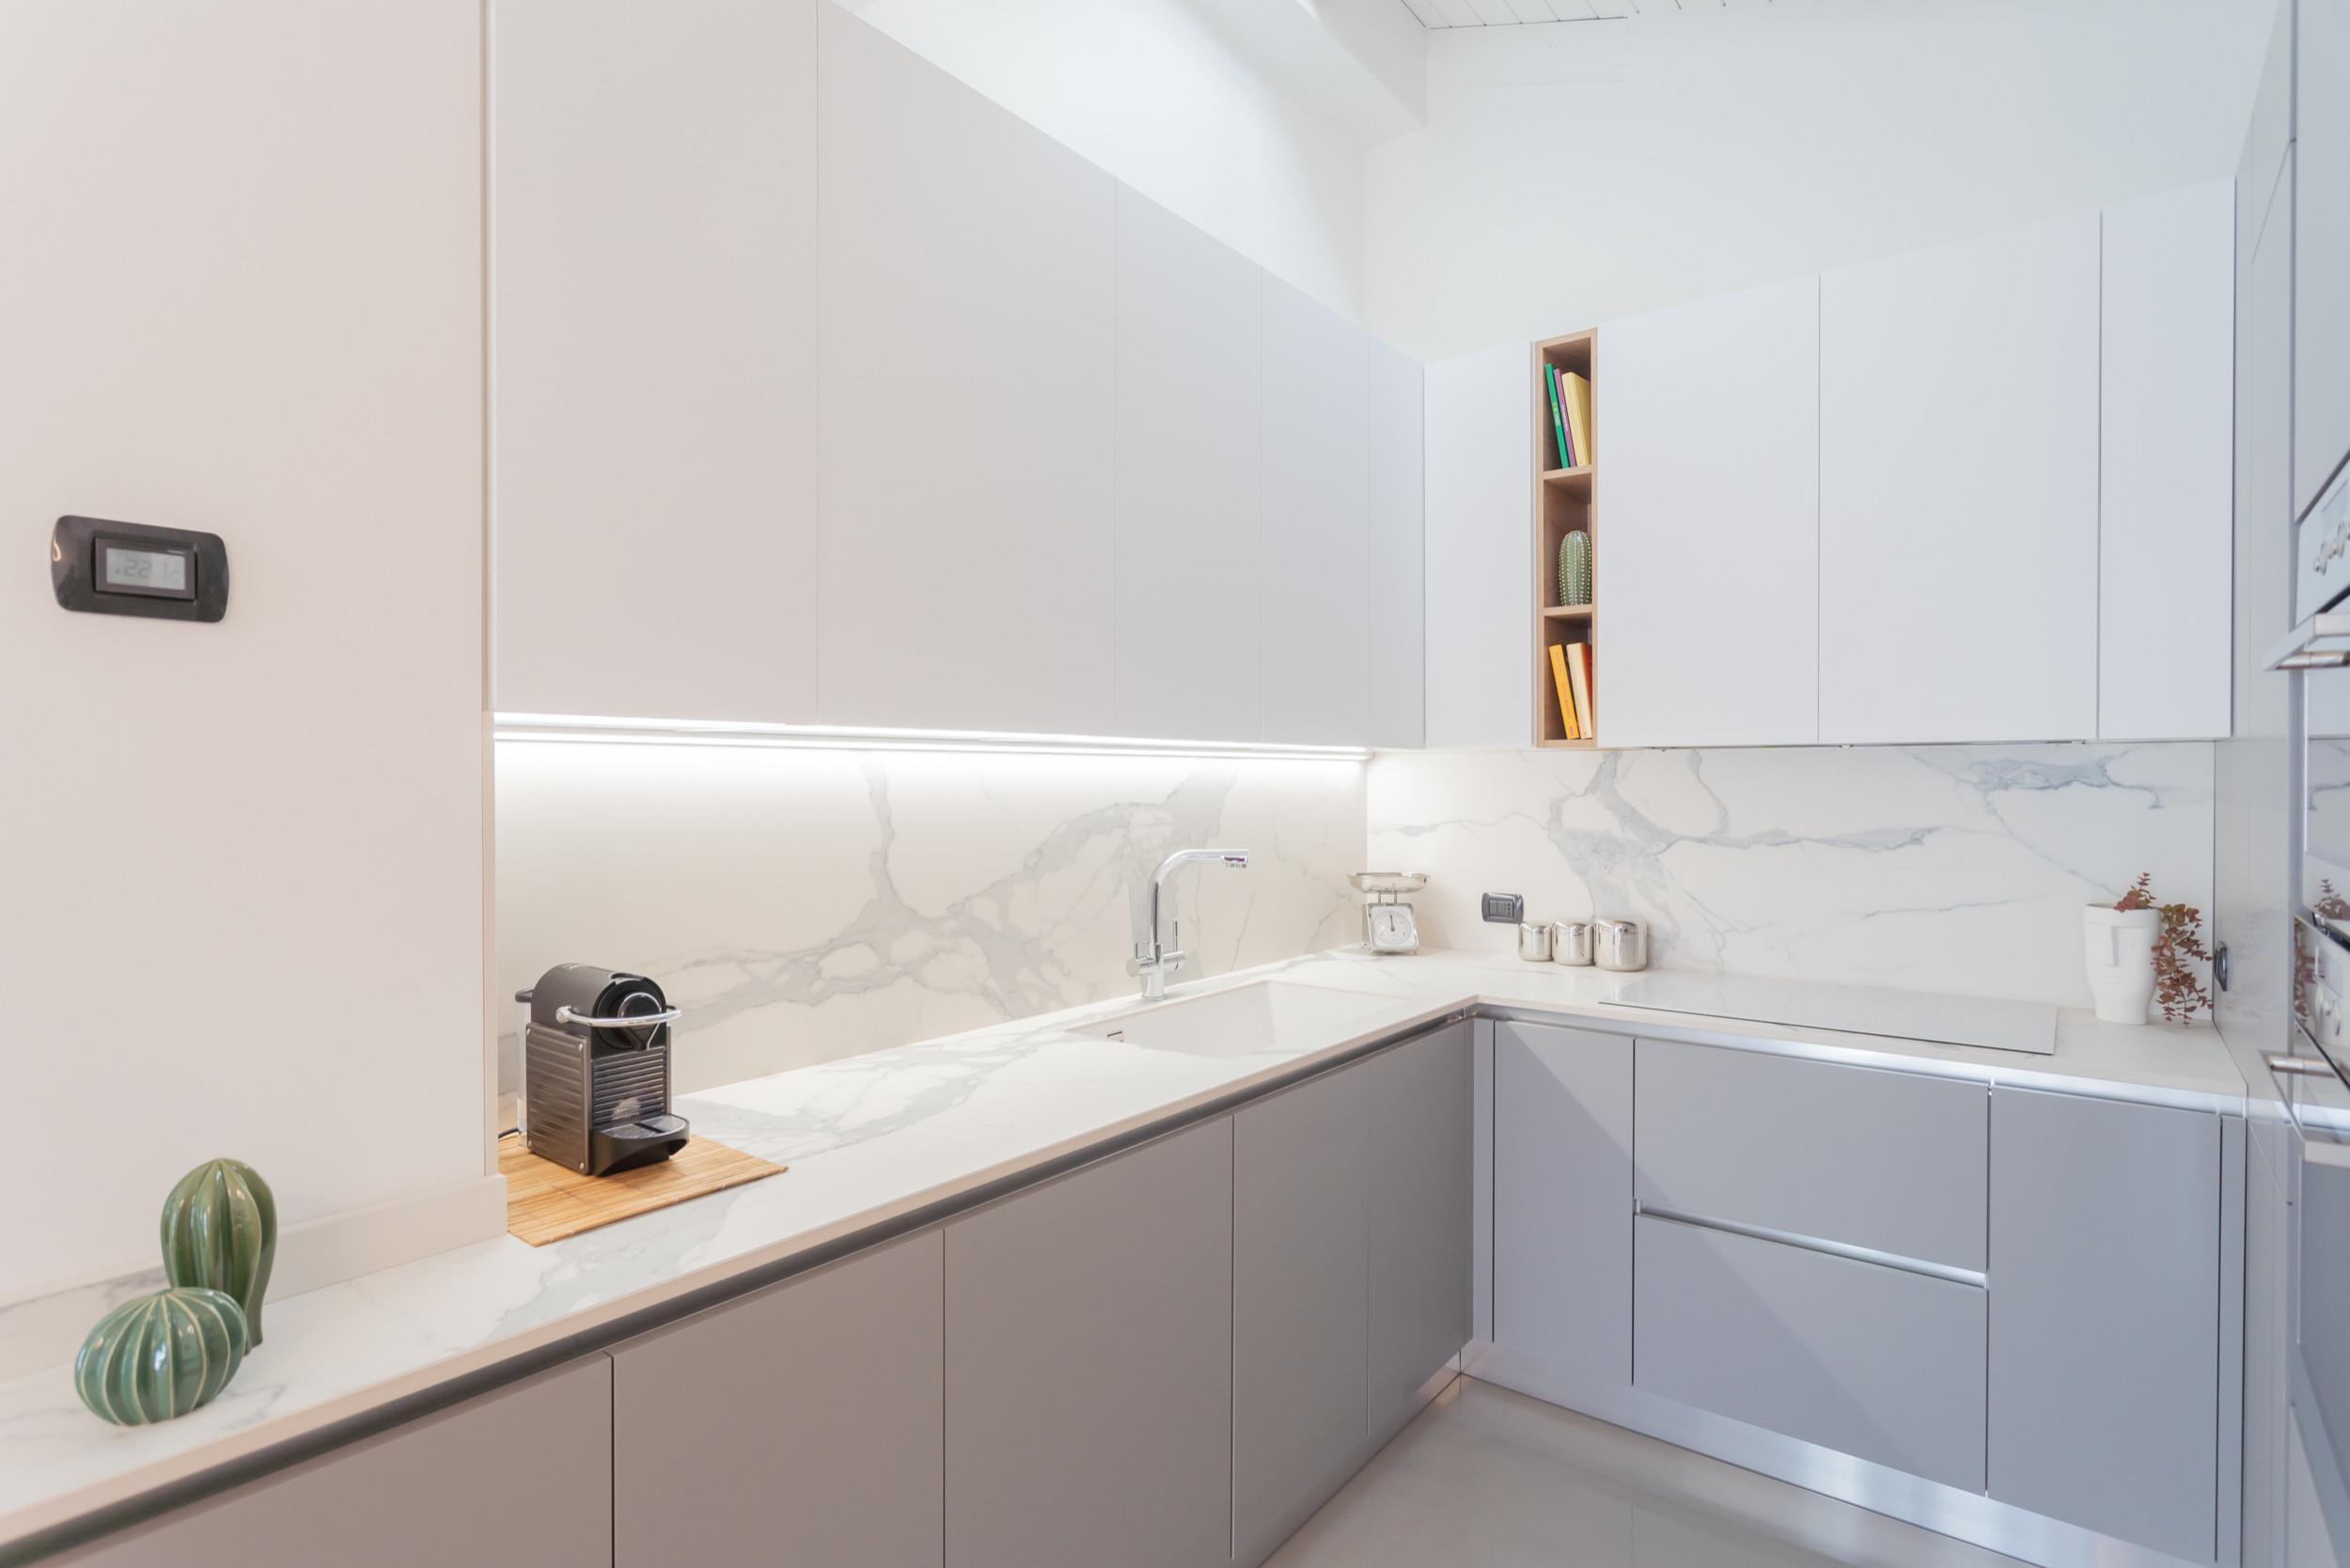 collaborazione con Hora di Barbara Bottazzini che ha progettato gli interni.